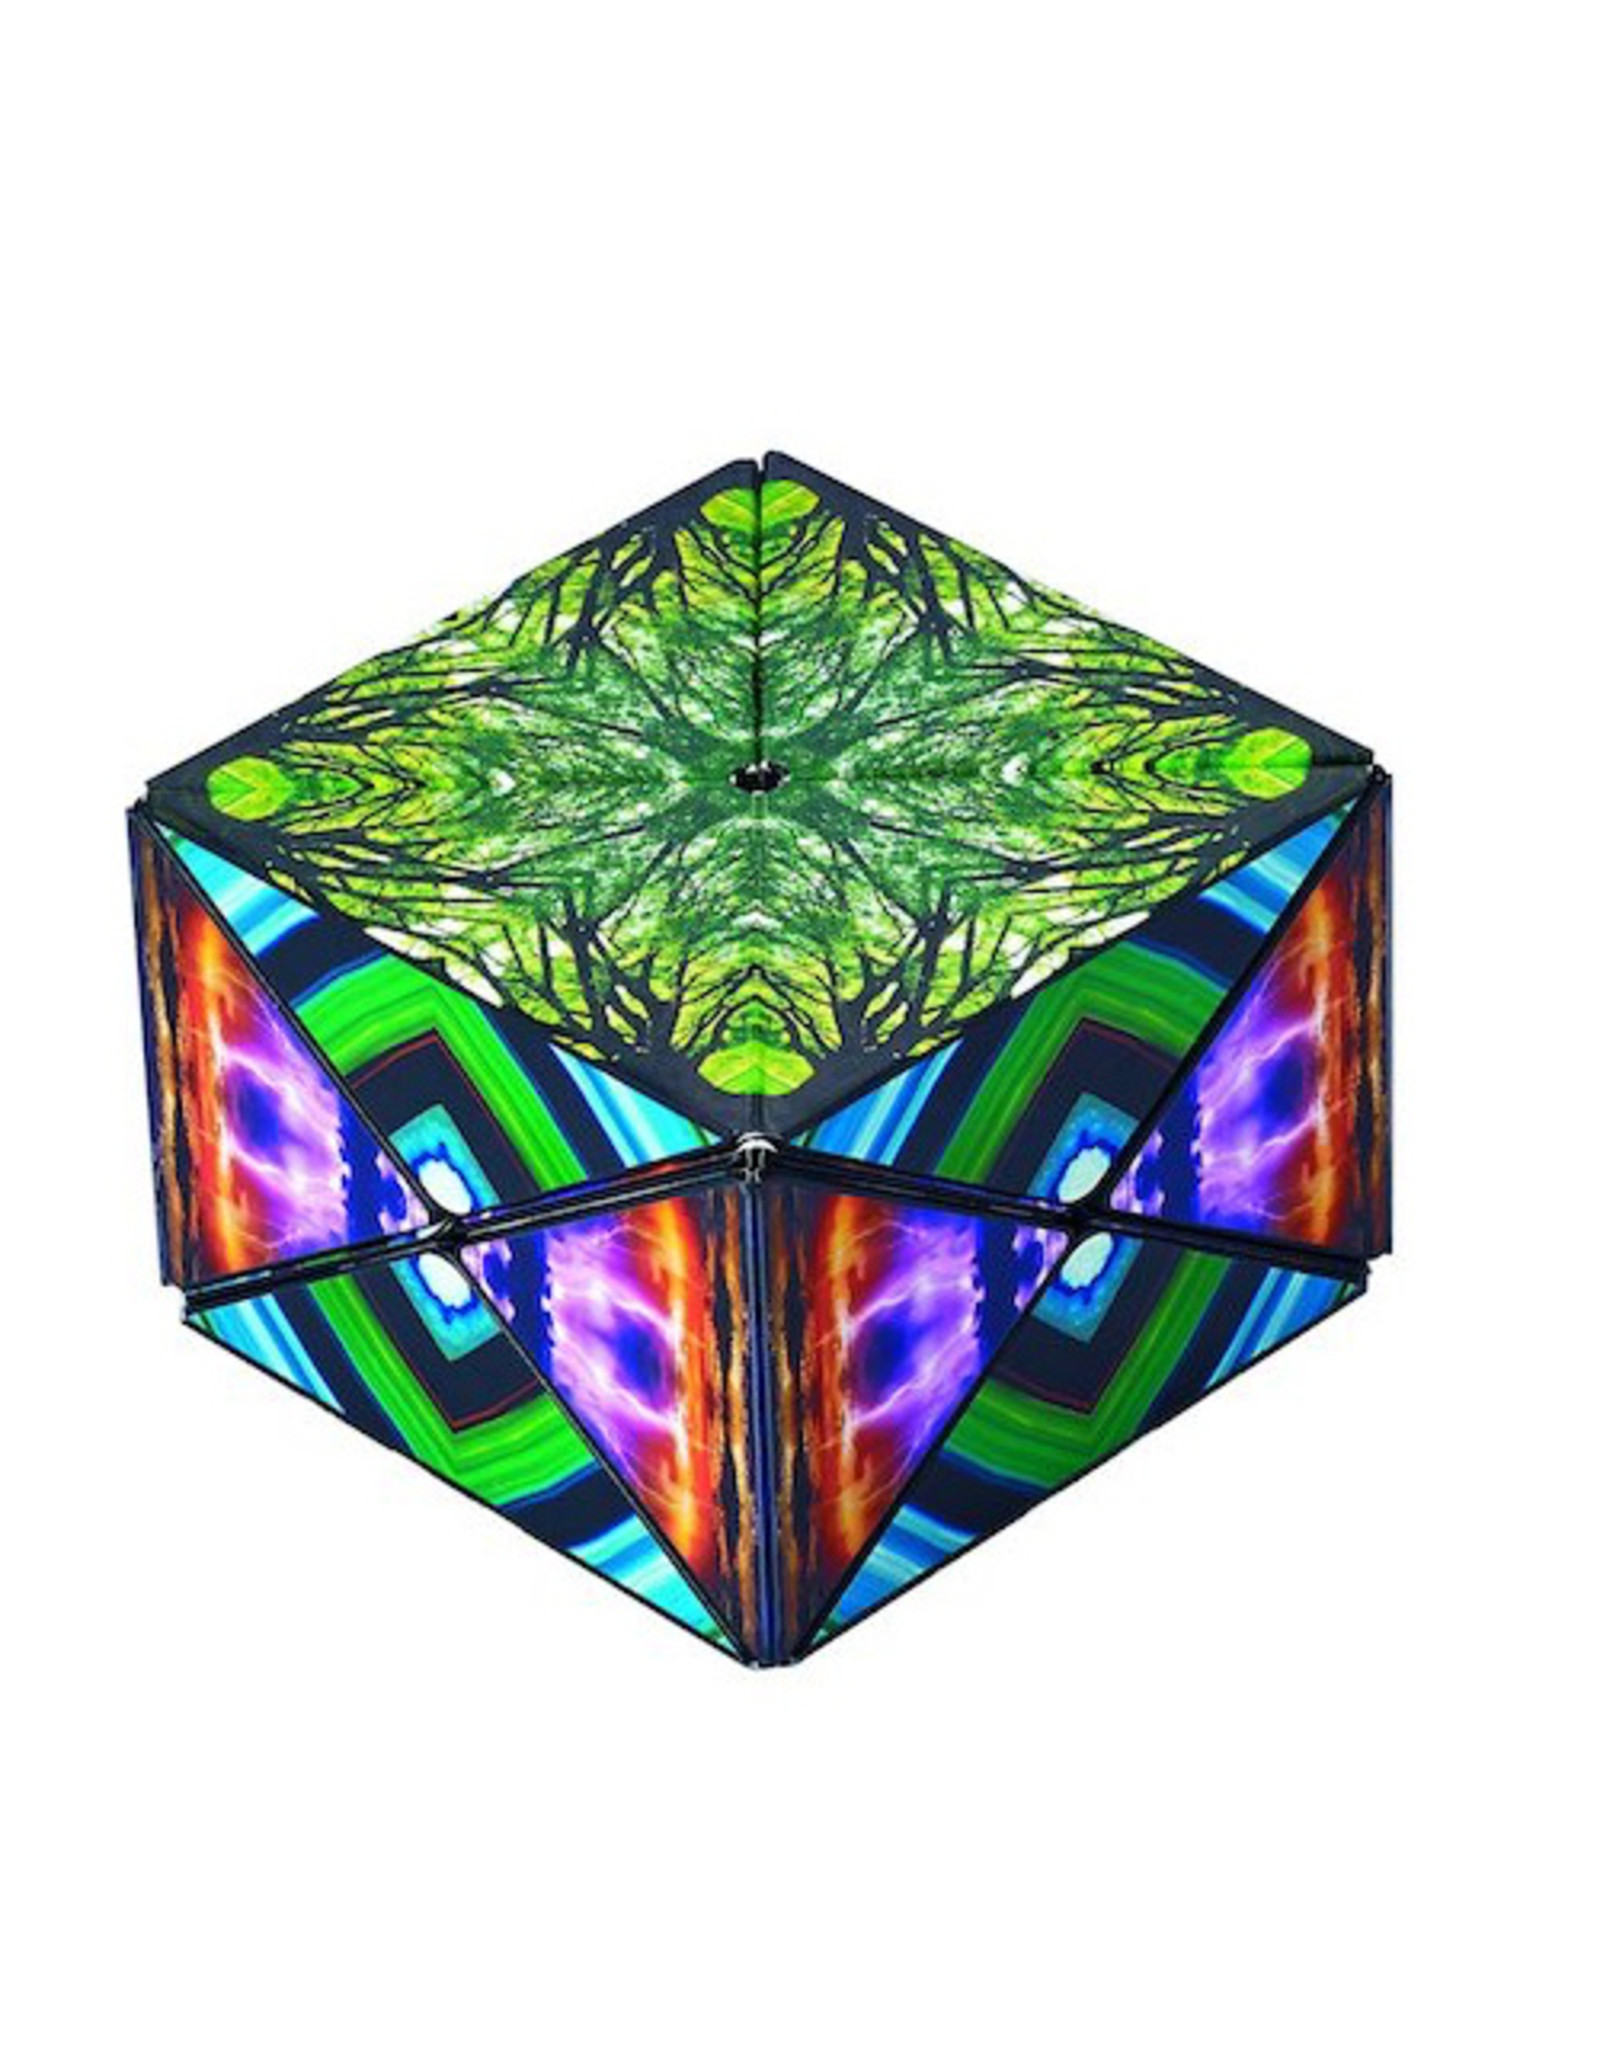 Shashibo Cube